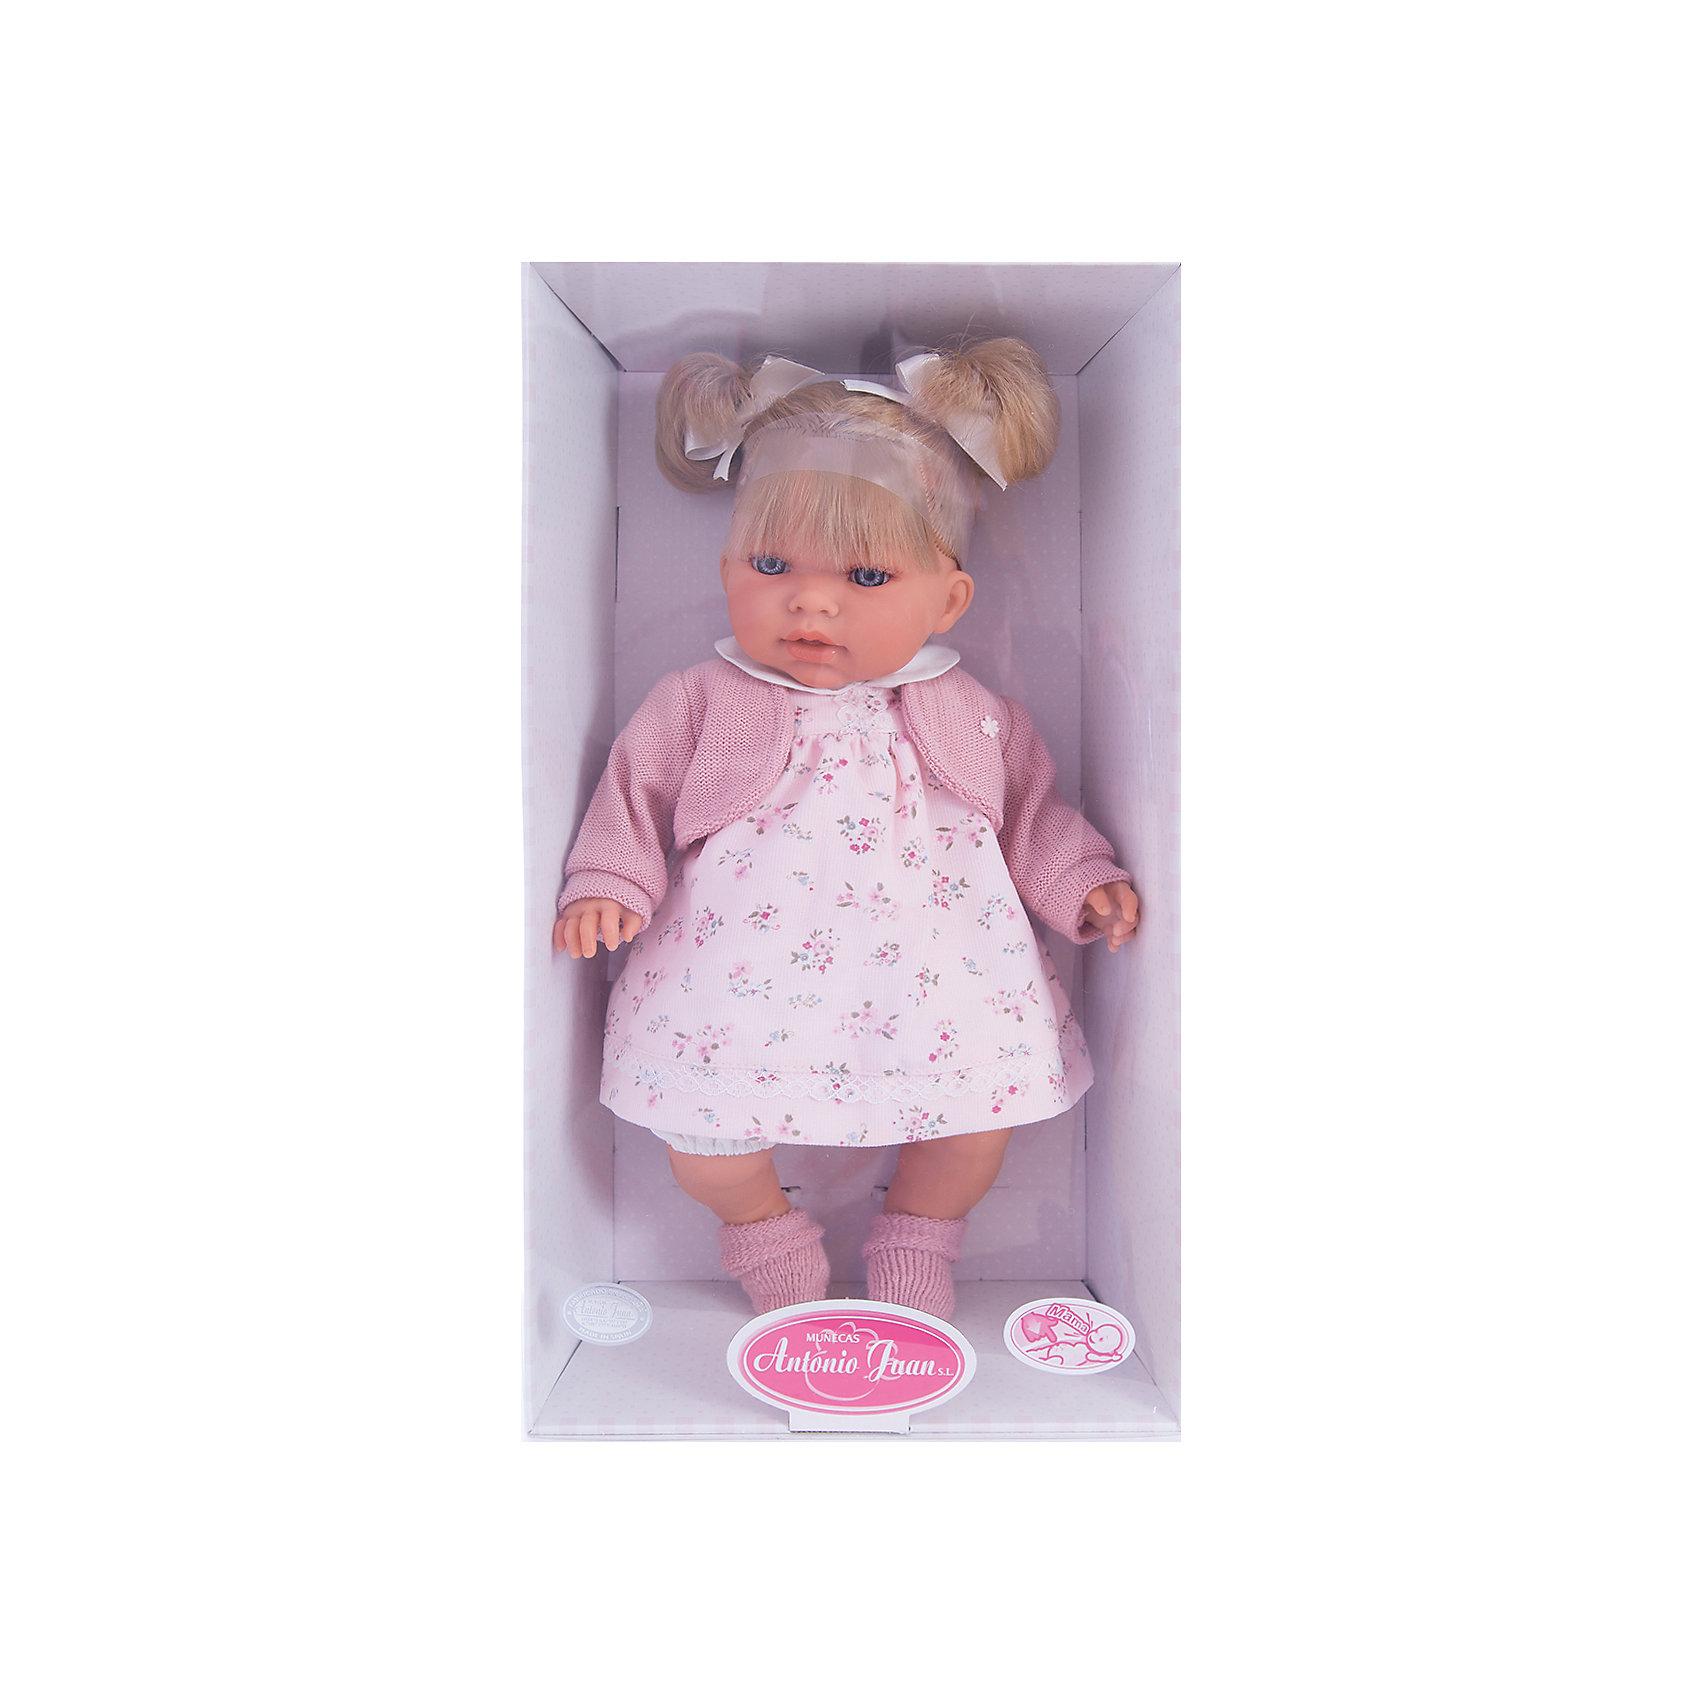 Кукла Лорена в розовом, 37см, Munecas Antonio JuanКлассические куклы<br>Кукла Лорена в розовом, 37 см, Munecas Antonio Juan (Мунекас от Антонио Хуан) ? это очаровательная маленькая девочка от всемирно известного испанского бренда Мунекас от Антонио Хуан, который знаменит своими реалистичными куклами. Кукла изготовлена из винила высшего качества, ее тело ? мягконабивное, ручки и ножки подвижны, голова поворачивается в стороны, глазки не закрываются. <br>Нежные черты лица, розовые щечки, пухленькие губки, курносый носик и светло русые волосы, собранные в два очаровательных хвостика.  Лорена умеет смеяться и говорить «мама» и «папа», если ей нажать на животик. <br>Кукла Лорена в розовом, 37 см, Munecas Antonio Juan (Мунекас от Антонио Хуан) разработана с учетом анатомических особенностей и мимики младенцев. Играя с пупсом, ваш ребенок реалистично проживает роль «мамы», учится ухаживать за малышом, заботиться о нем.<br>У малышки Лорены красивый наряд: нежное платьице с цветочным принтом, теплая розовая кофточка, на ножках розовые носочки.<br>Куклы JUAN ANTONIO munecas (Мунекас от Антонио Хуан) ? мечта девочки любого возраста!<br><br>Дополнительная информация:<br><br>- Вид игр: сюжетно-ролевые игры <br>- Дополнительные функции: смеется, говорит «мама» и «папа»<br>- Материал: пластик, винил, текстиль<br>- Высота куклы: 37 см<br>- Вес: 6 кг 300 г<br>- Батарейки: 3 шт. 3 LR44 (в комплекте)<br>- Особенности ухода: одежда ? ручная стирка, саму куклу мыть не рекомендуется <br><br>Подробнее:<br><br>• Для детей в возрасте: от 3 лет и до 6 лет<br>• Страна производитель: Испания<br>• Торговый бренд: JUAN ANTONIO munecas <br><br>Куклу Лорену в розовом, 37 см, Munecas Antonio Juan (Мунекас от Антонио Хуан) (Мунекас от Антонио Хуан) можно купить в нашем интернет-магазине.<br><br>Ширина мм: 440<br>Глубина мм: 245<br>Высота мм: 120<br>Вес г: 6300<br>Возраст от месяцев: 36<br>Возраст до месяцев: 72<br>Пол: Женский<br>Возраст: Детский<br>SKU: 4794379